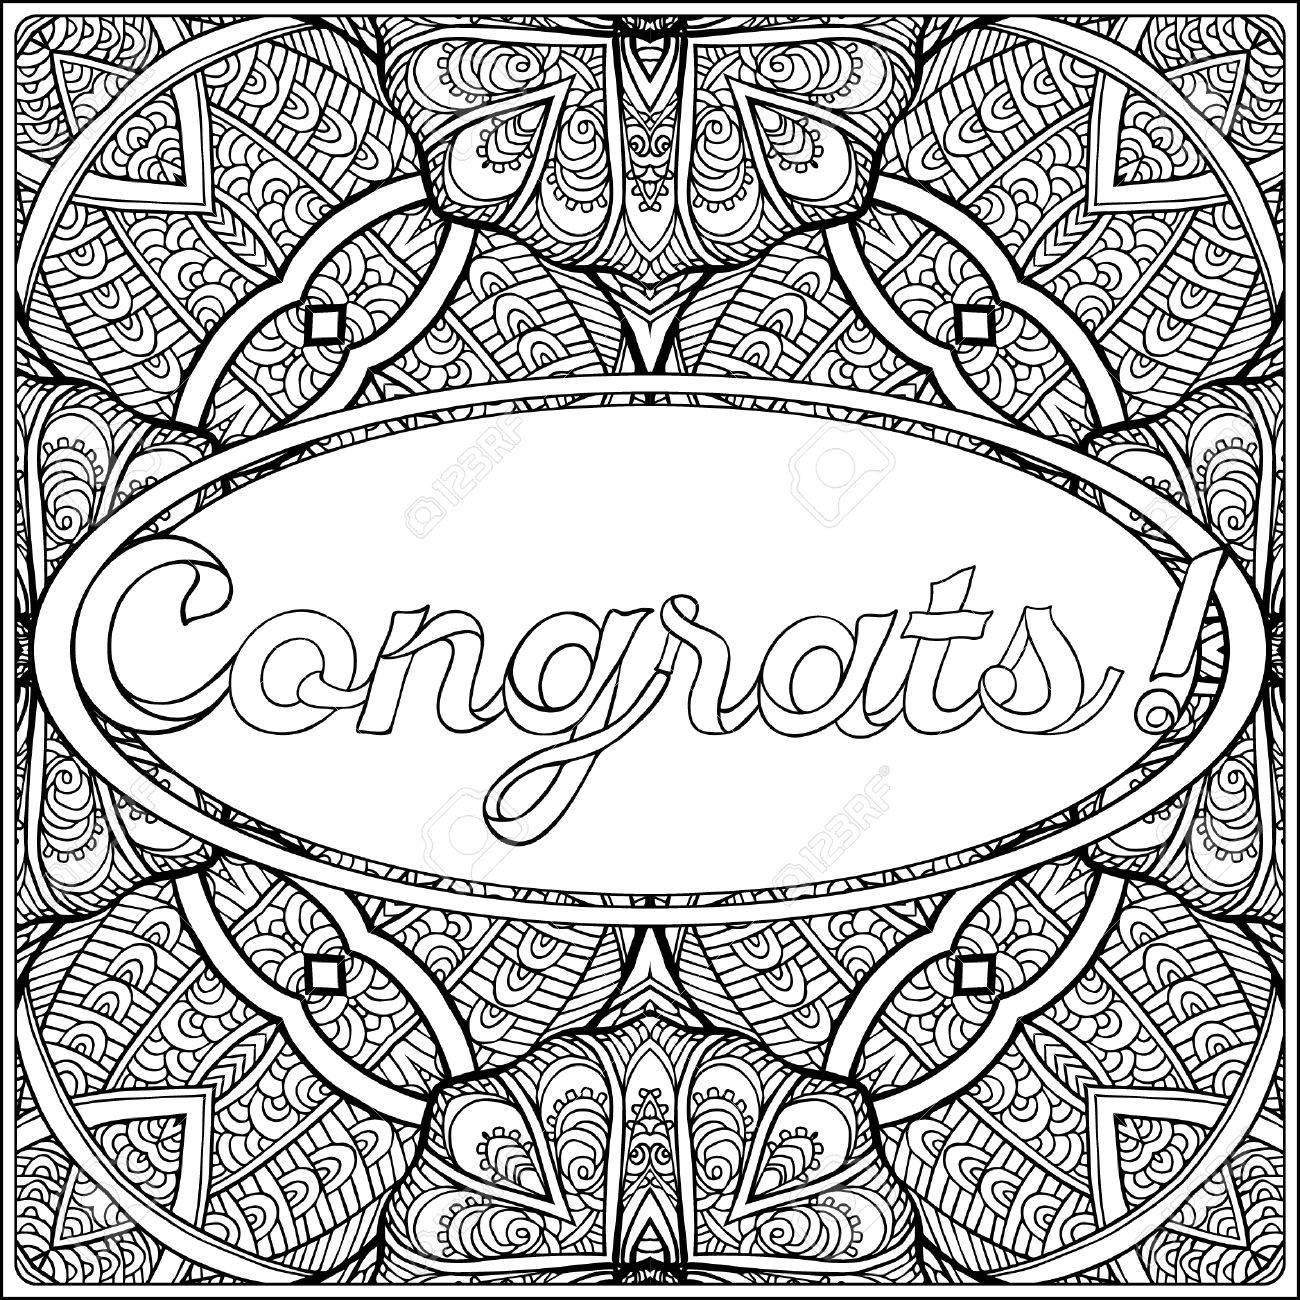 Lettre De Felicitations Coloriage Avec Un Message Sur L Arriere Plan Du Motif Vintage Livre Coloriage Pour Adultes Dessin Au Trait Illustration